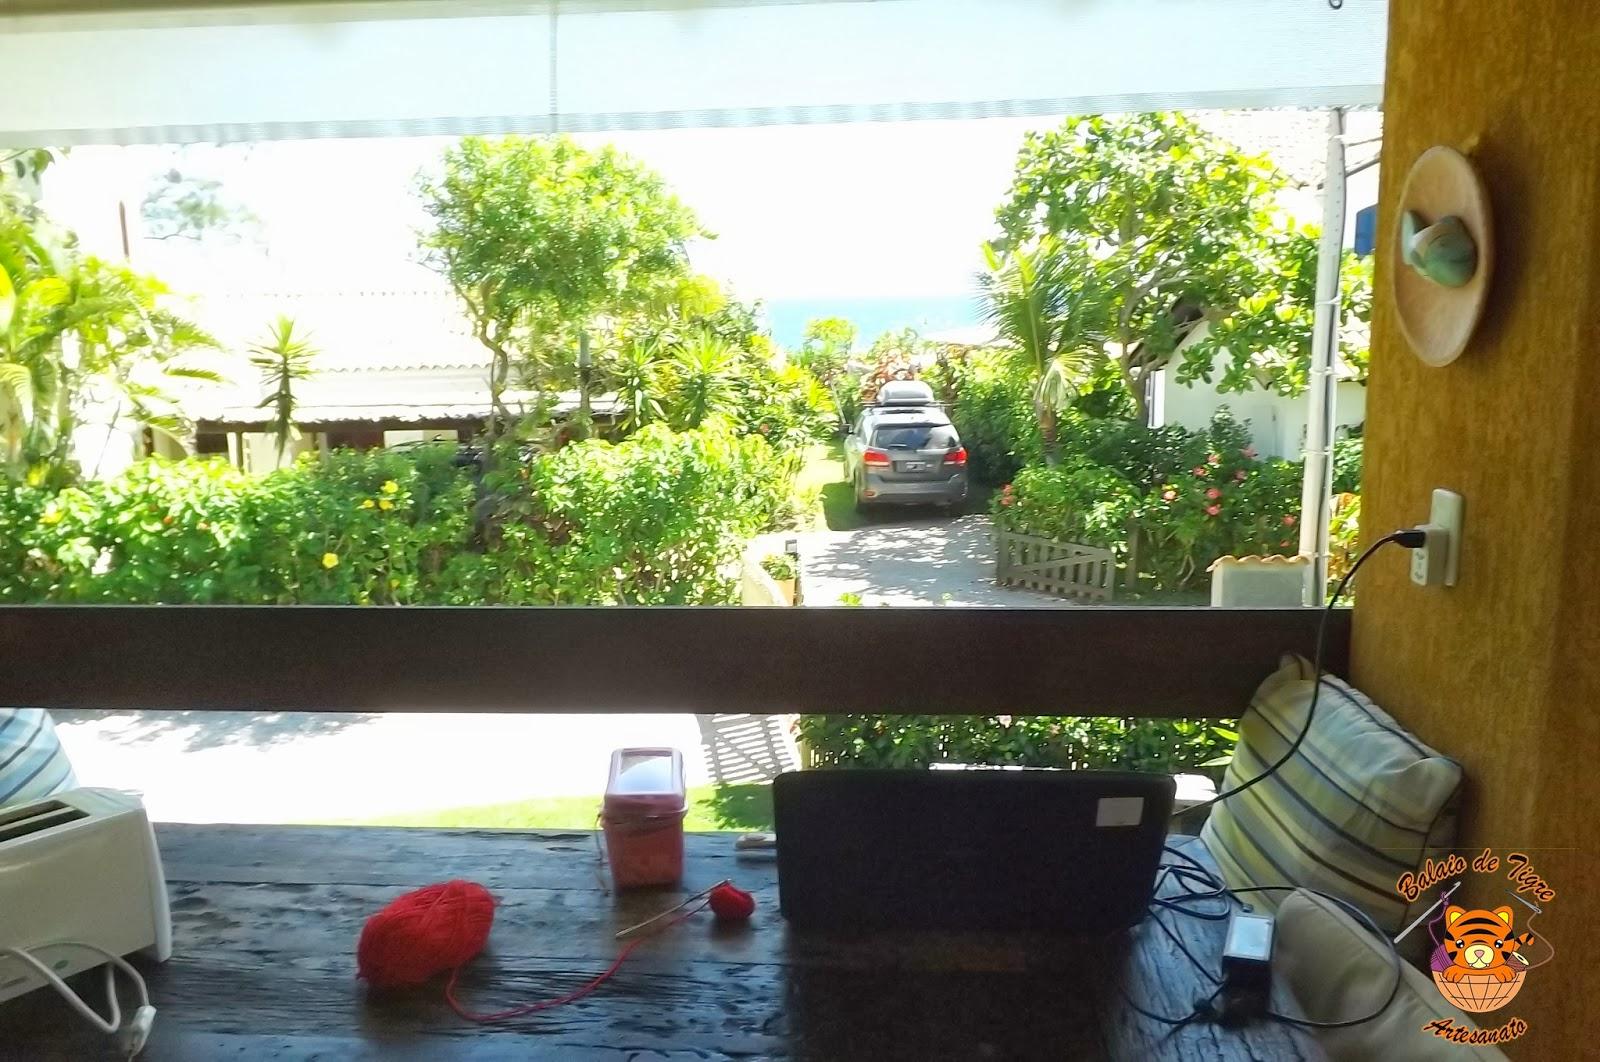 croche em Floripa + vista maravilhosa do mar = inspiração!